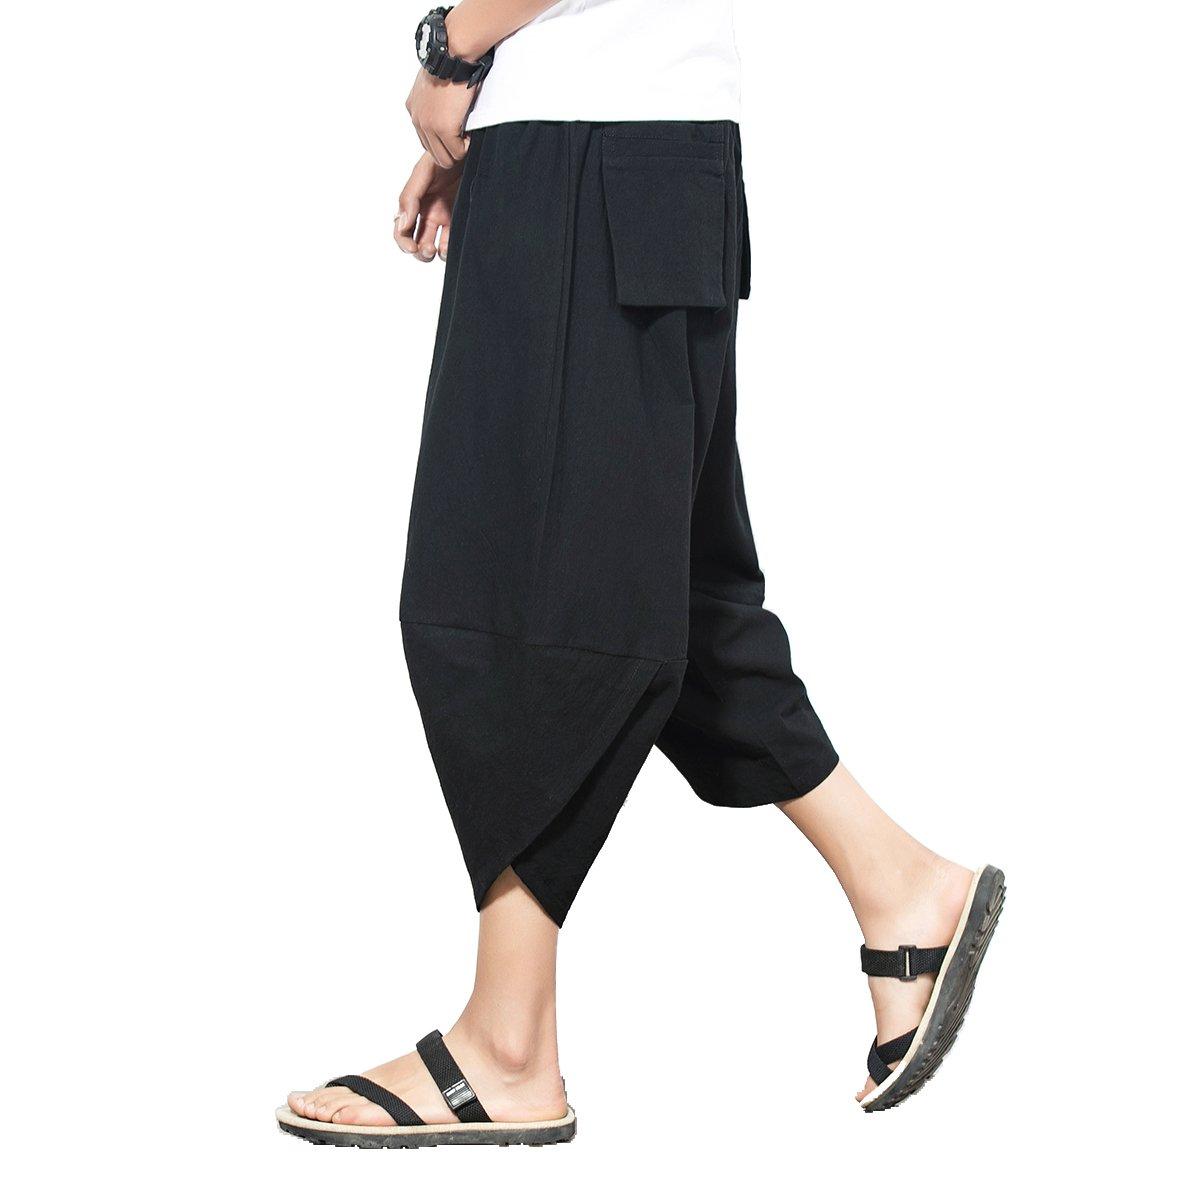 FTIMILD Mens Boho Harem Pants Cotton Baggy Wide Leg Pants Trousers with Pockets